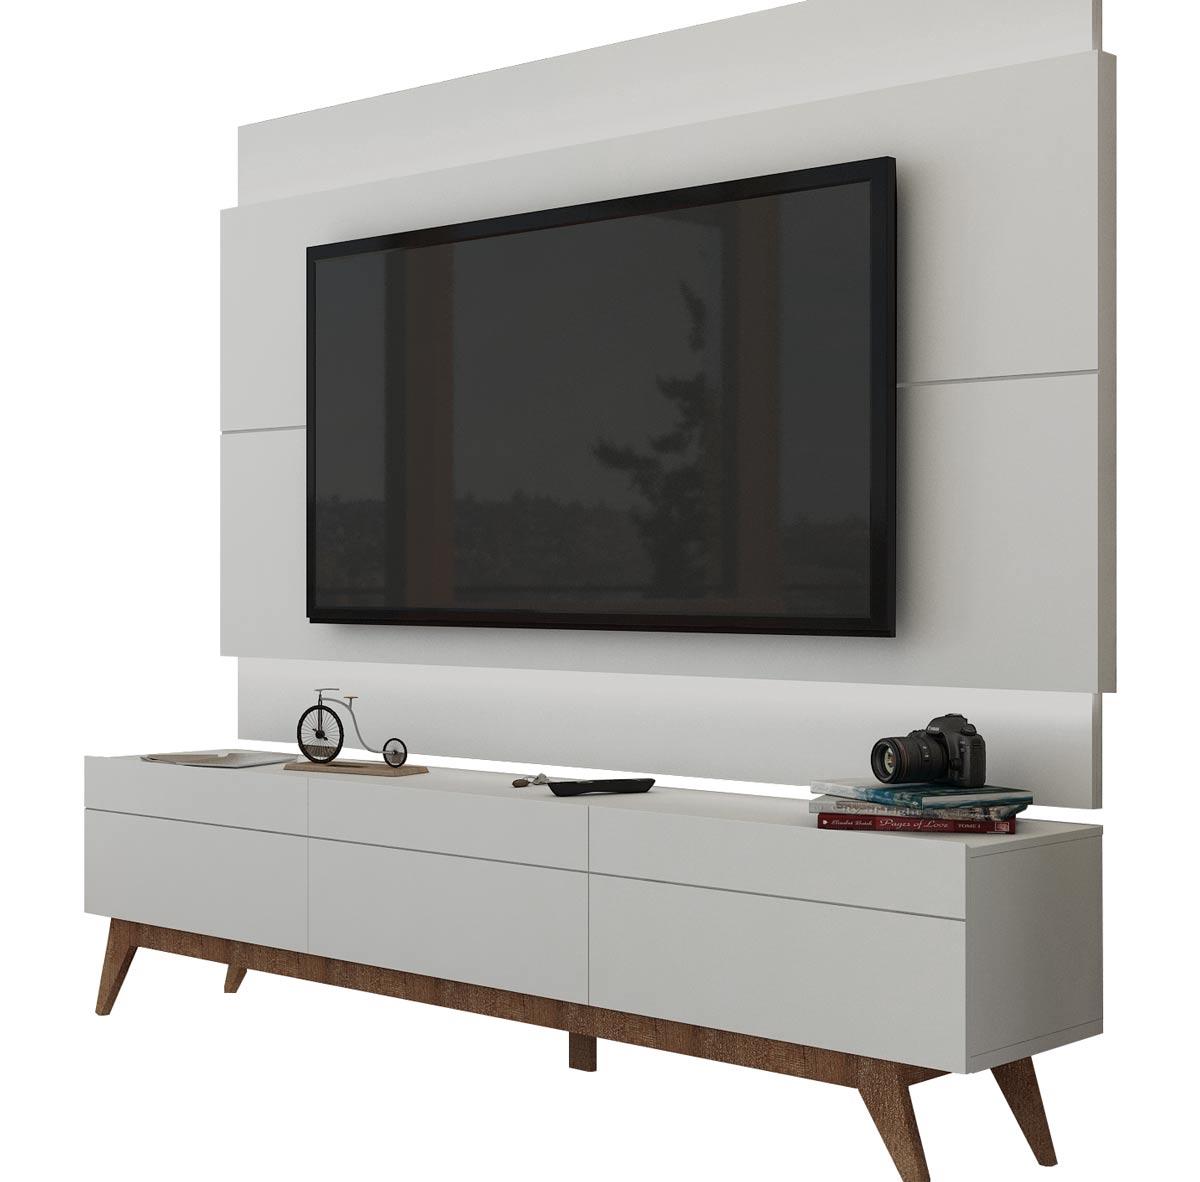 Rack com Painel Para TV 55 Polegadas Branco Classic 3G 1.8 com LED - Imcal Móveis